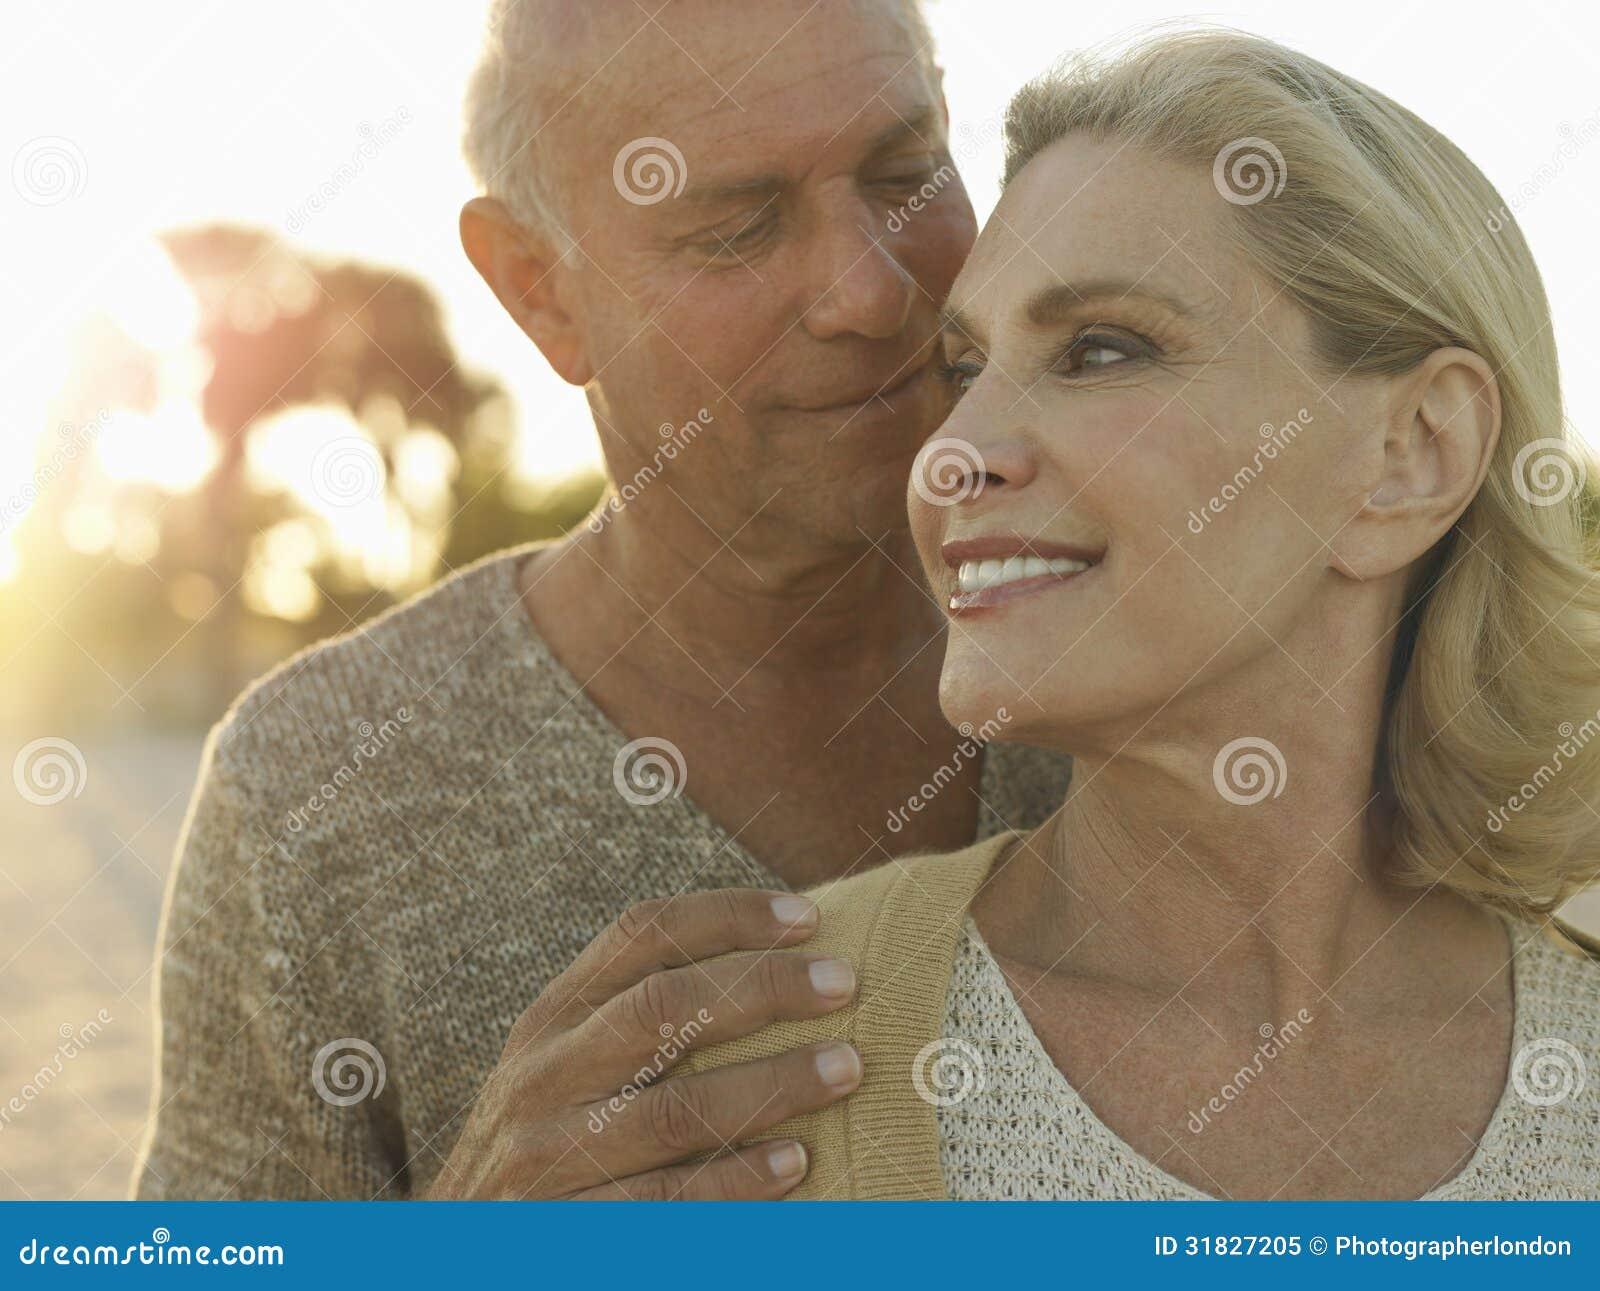 Hög parutgifter kvalitets- Tid på stranden